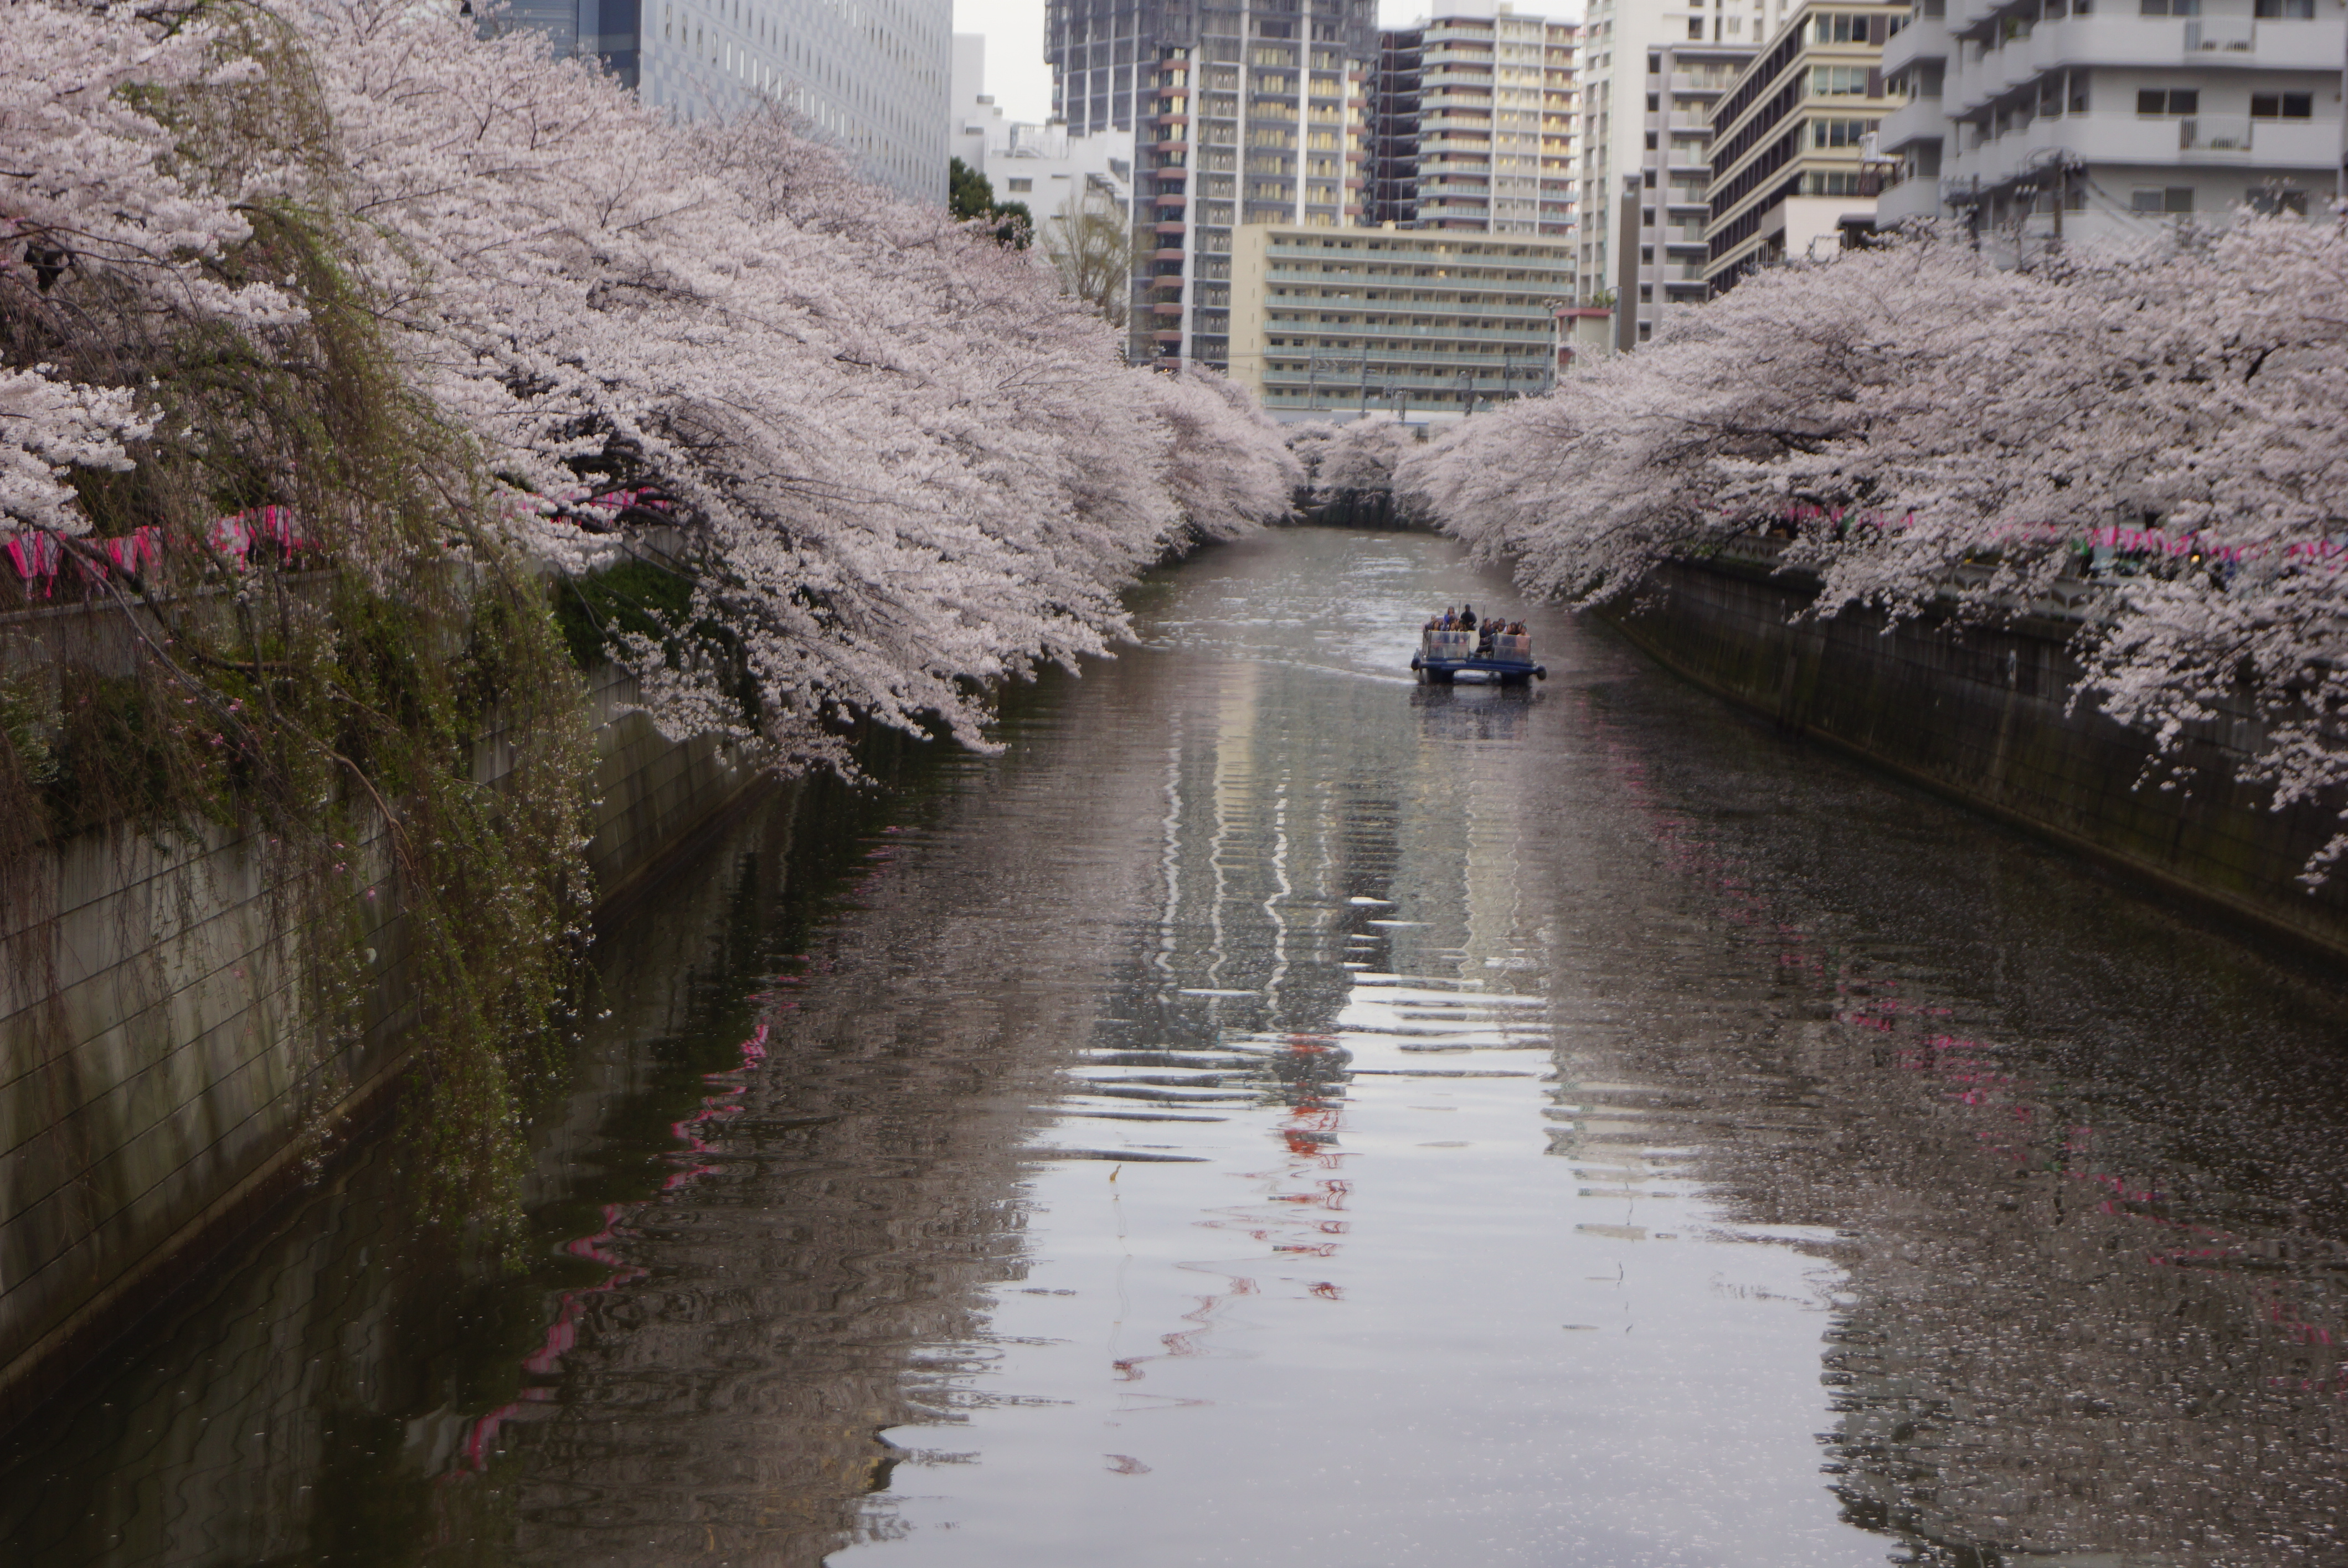 川の両側に広がる桜並木と遠くに見えるクルーザー